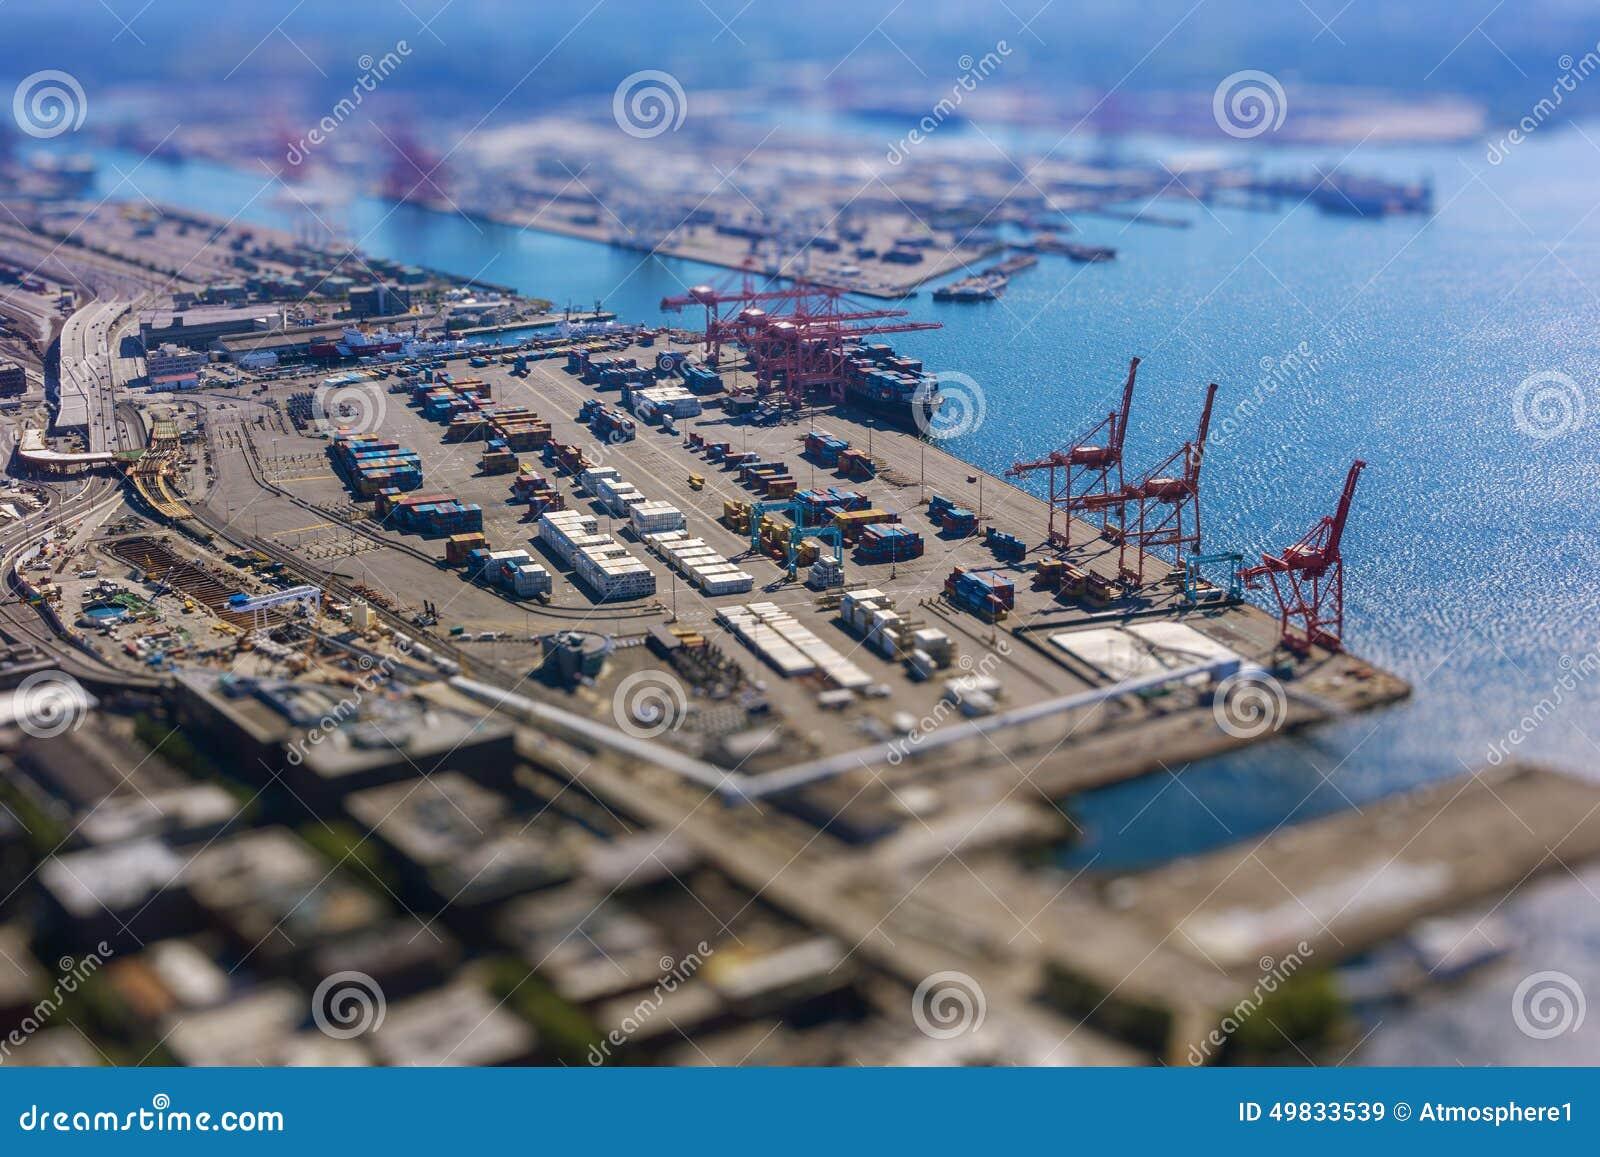 Cambio inclinable del puerto de envío con los envases y la nave de transporte del cargamento con el cargo